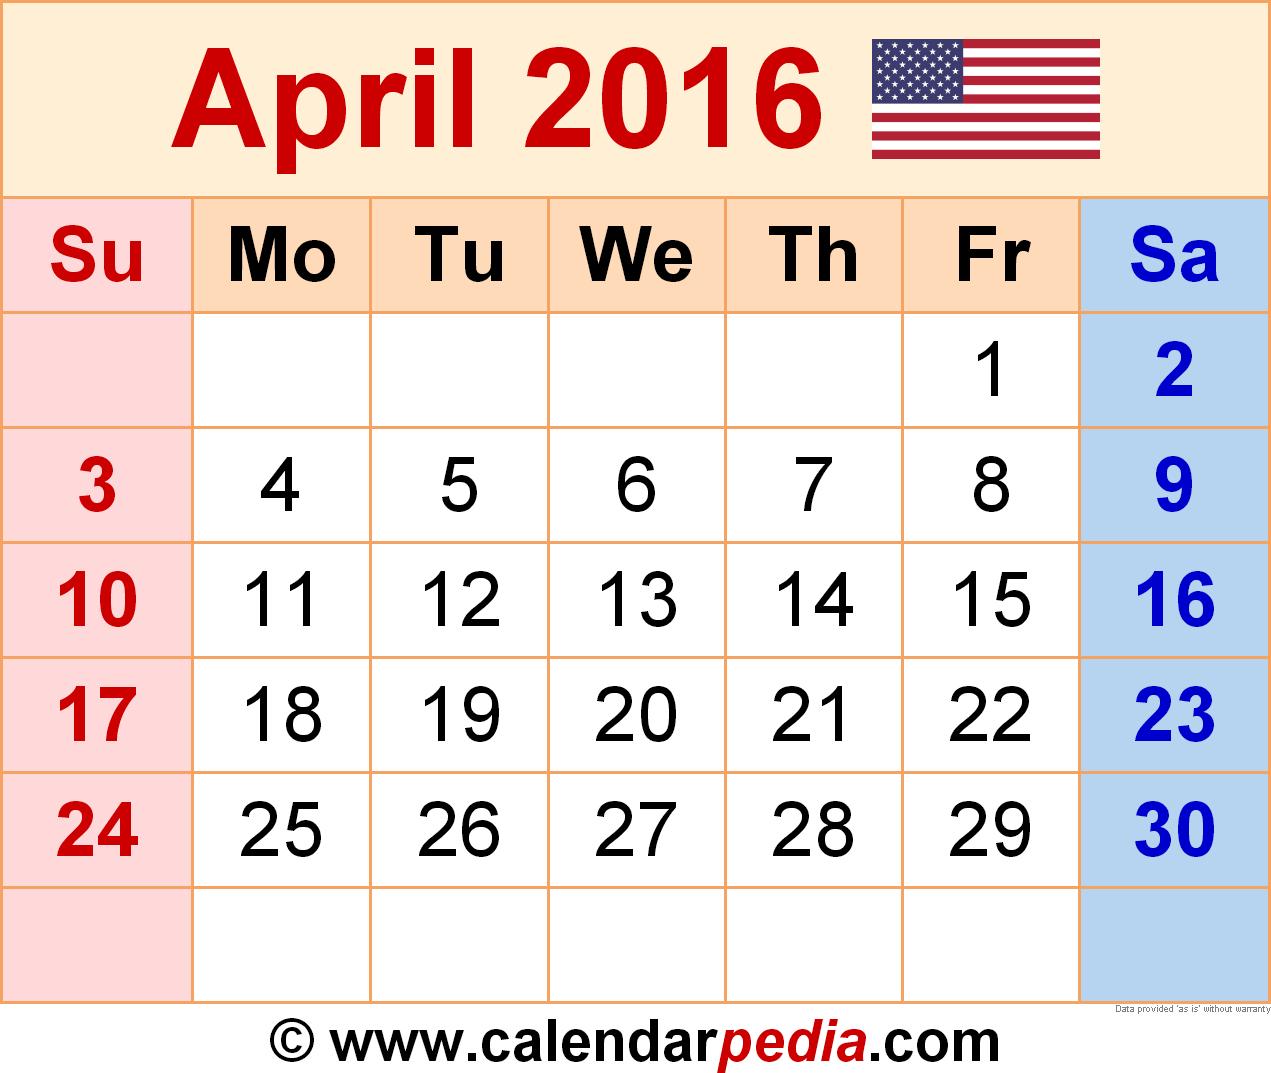 April 2016 Calendar Printable June